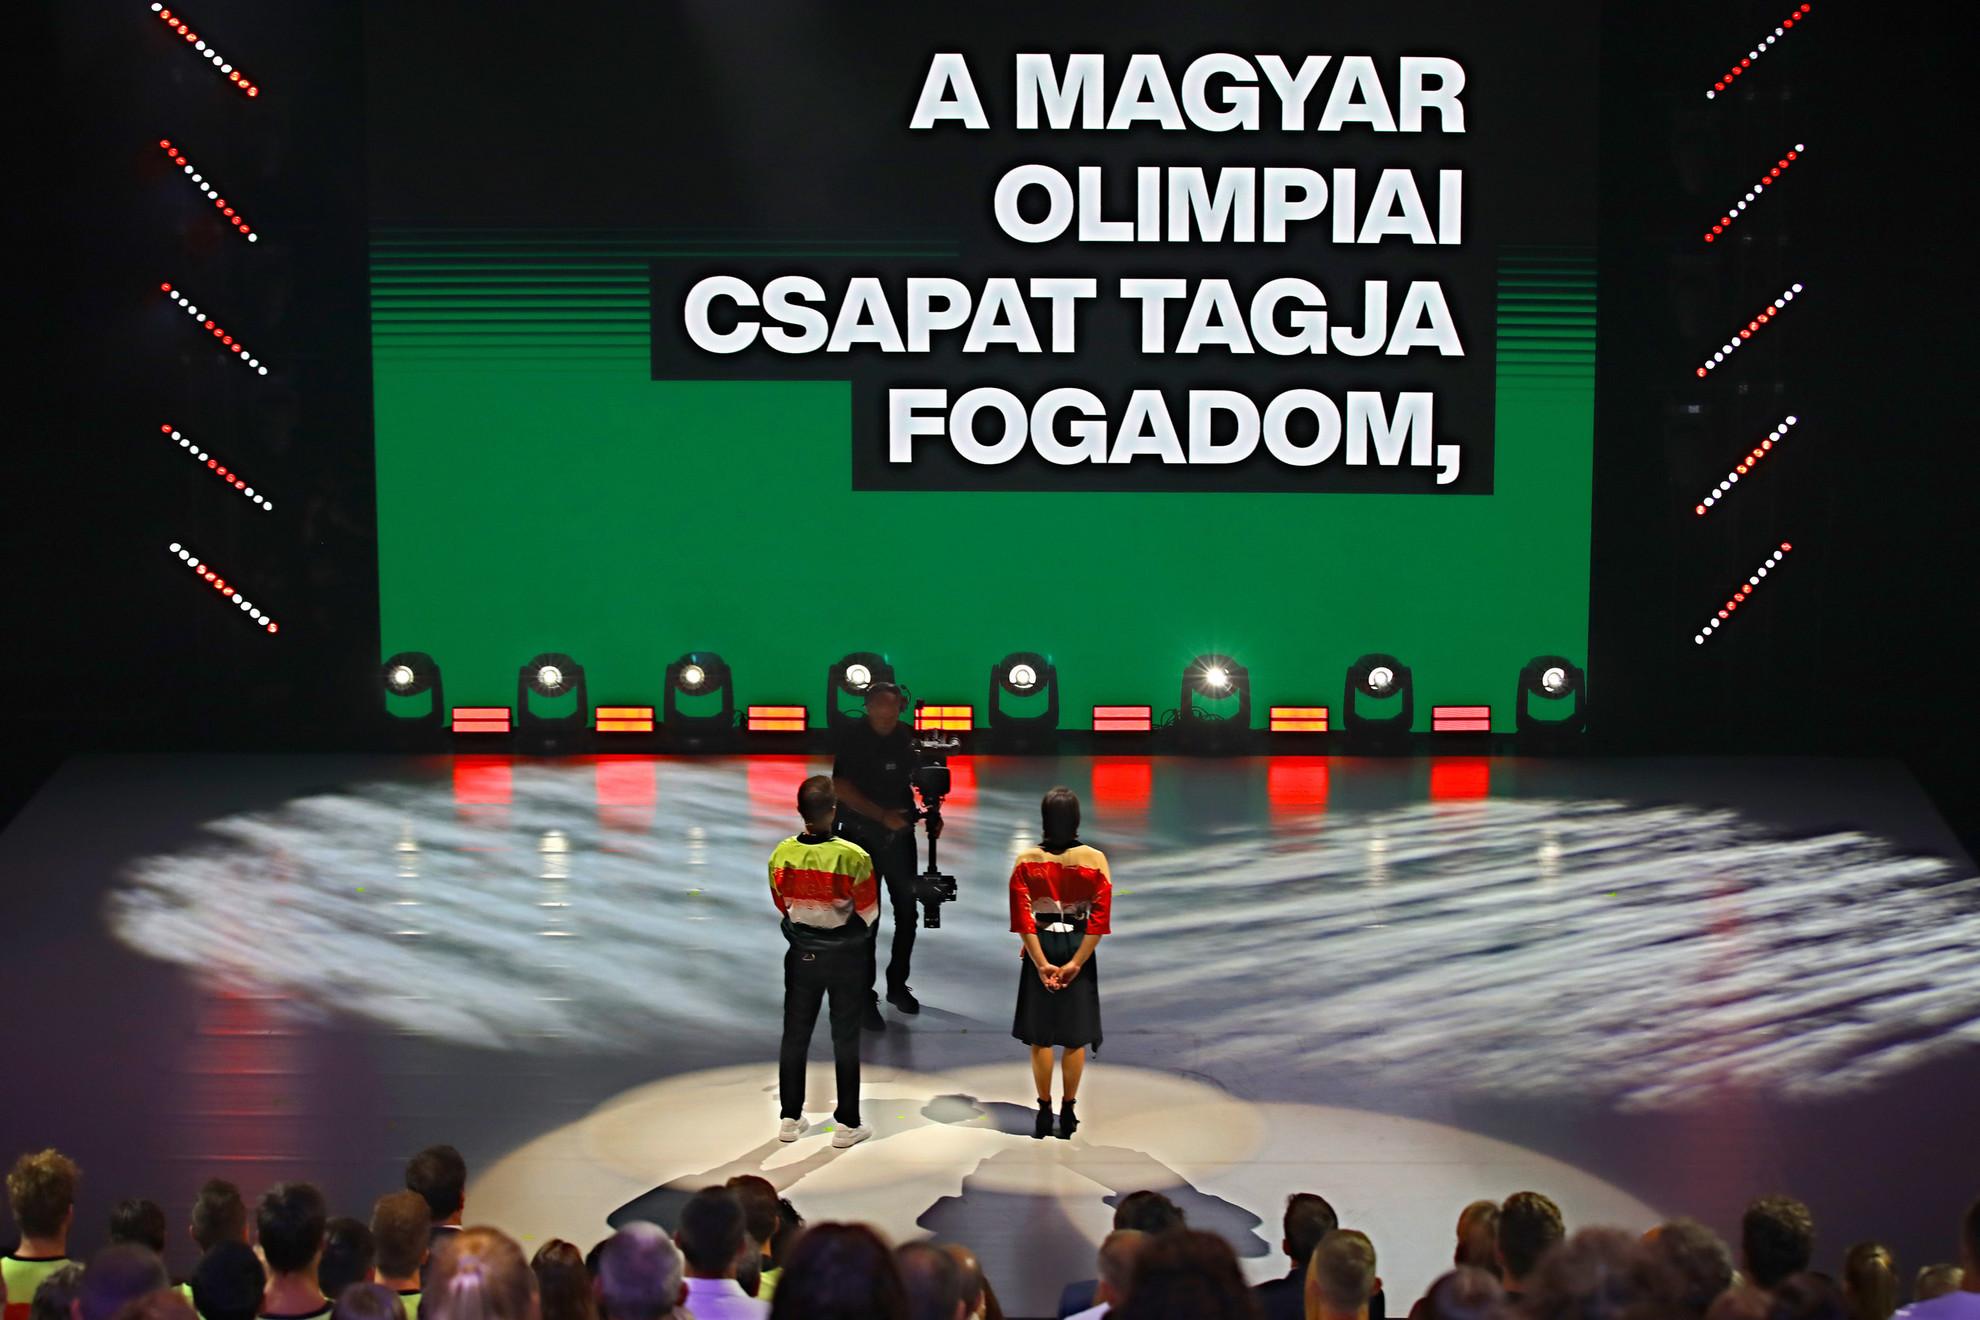 A fogadalomtétel szövegét két ifjúsági olimpiai bajnok sportoló, az úszó Késely Ajna és a sportlövő Péni István mondta el